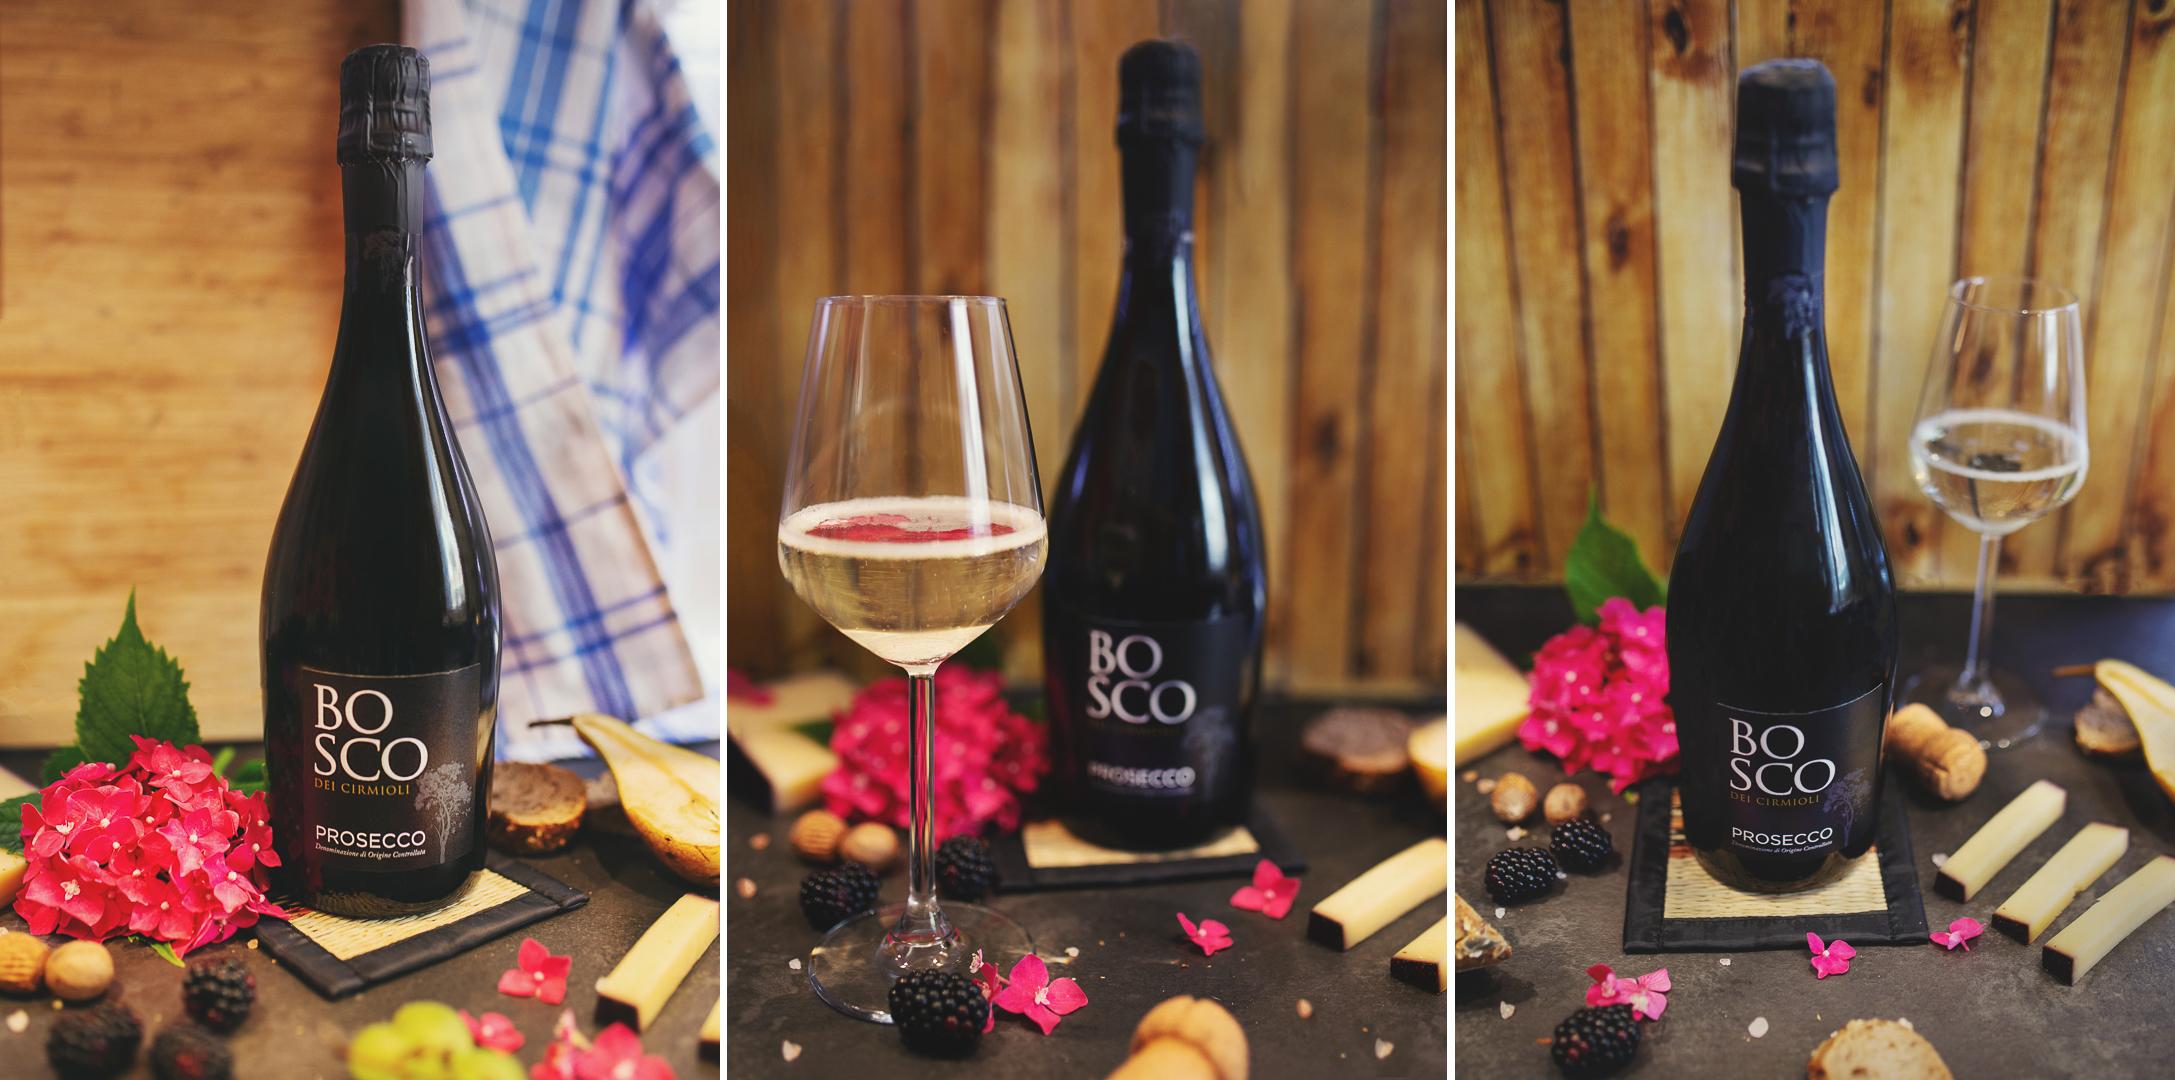 fotografia di prodotto per aziende vinicole treviso